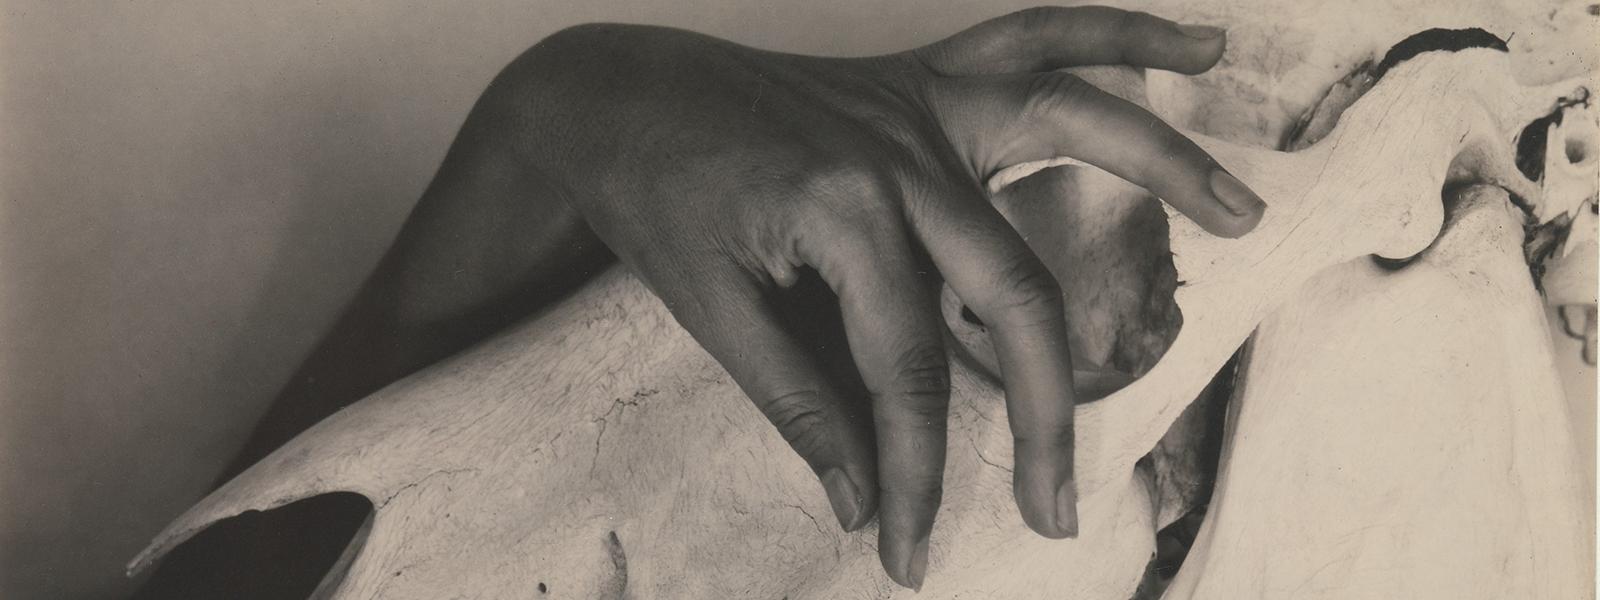 ABYANGA: THE ART OF SELF MASSAGE